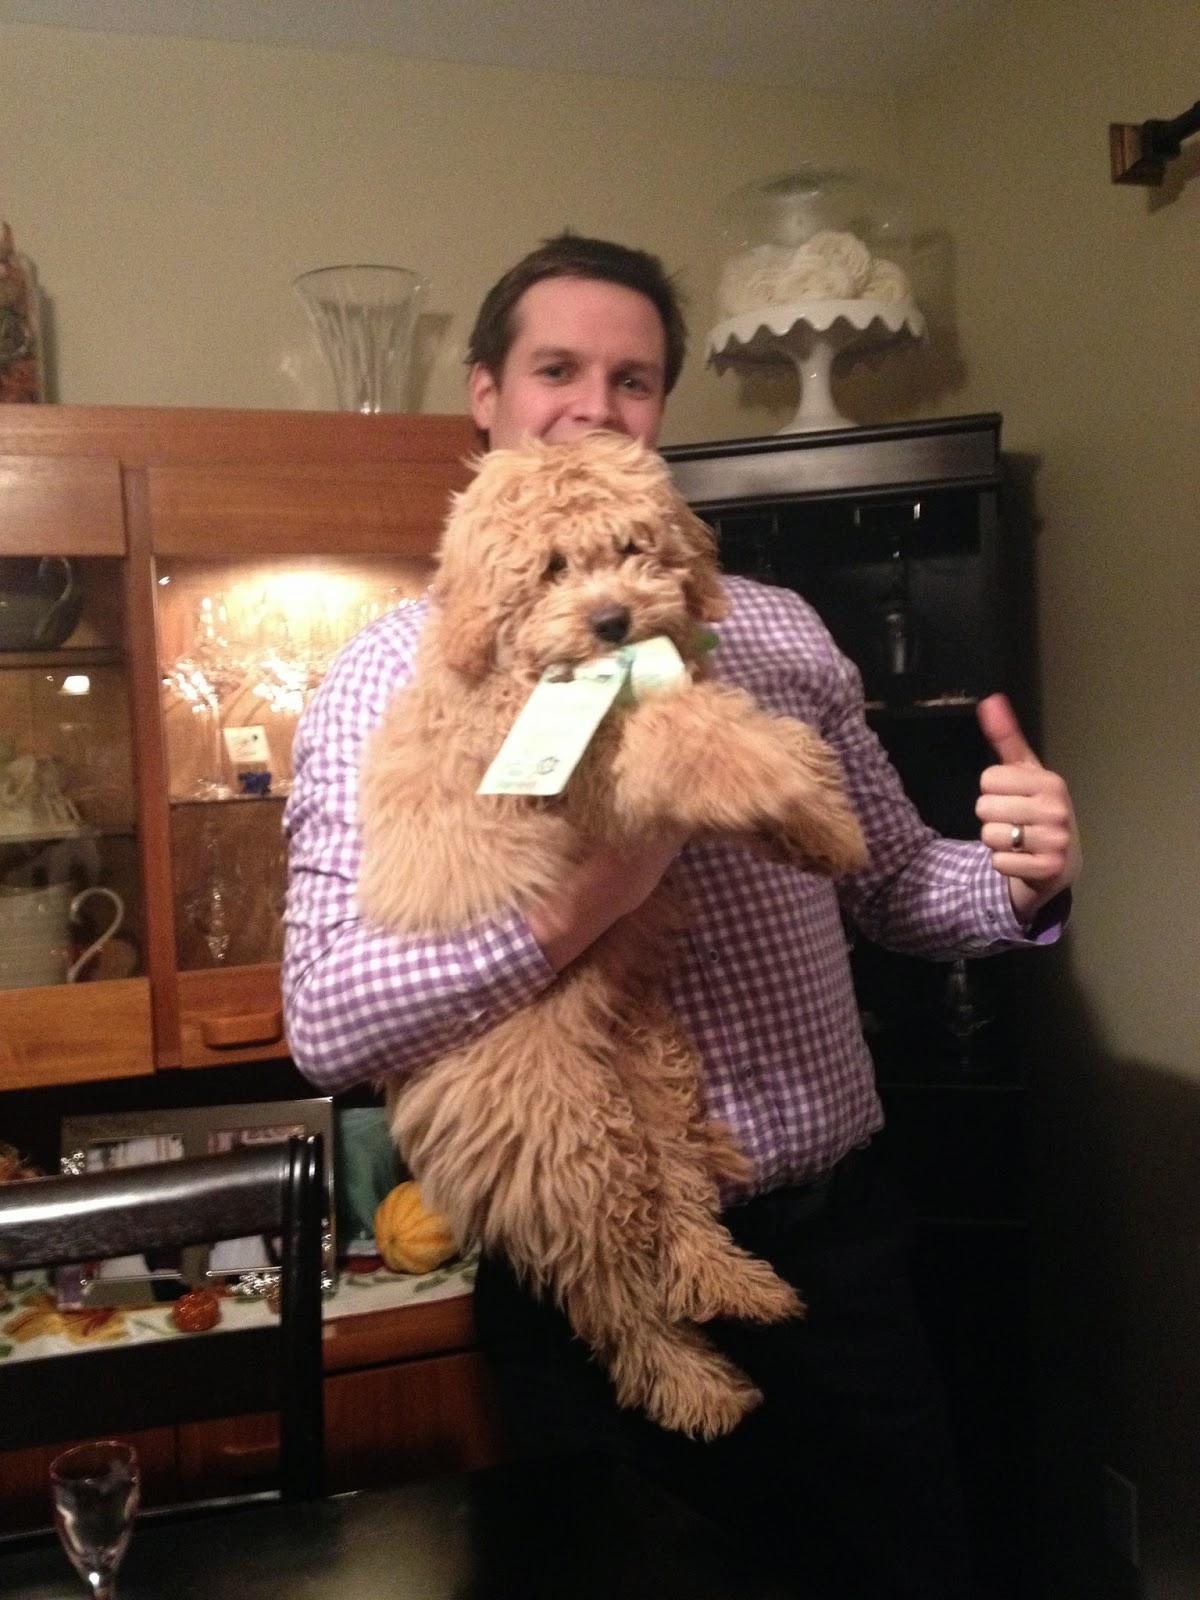 puppy stealing